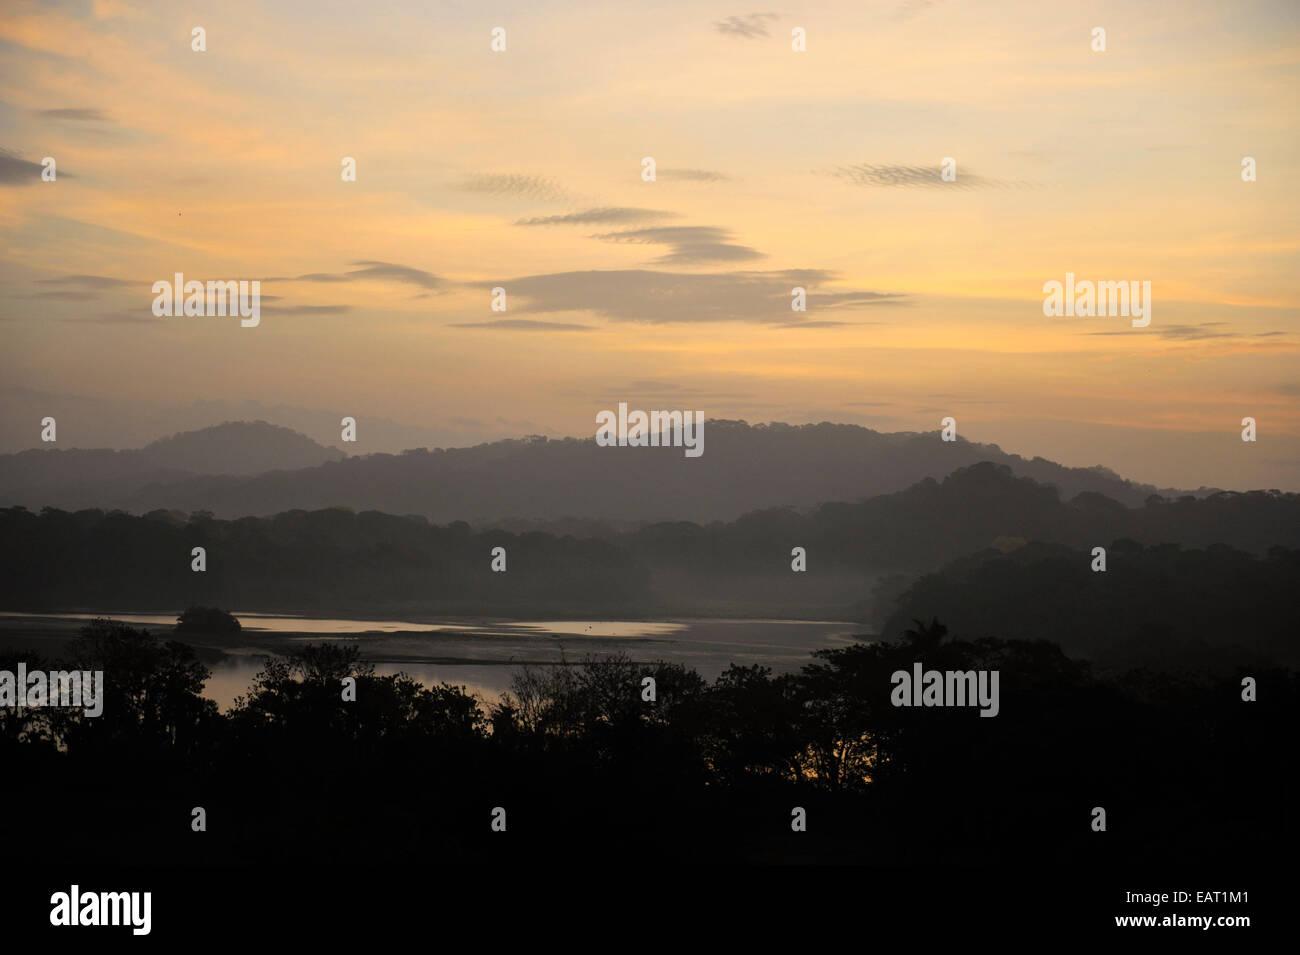 Vista del amanecer sobre cubierta selvática & Lago Gatún Panamá Imagen De Stock